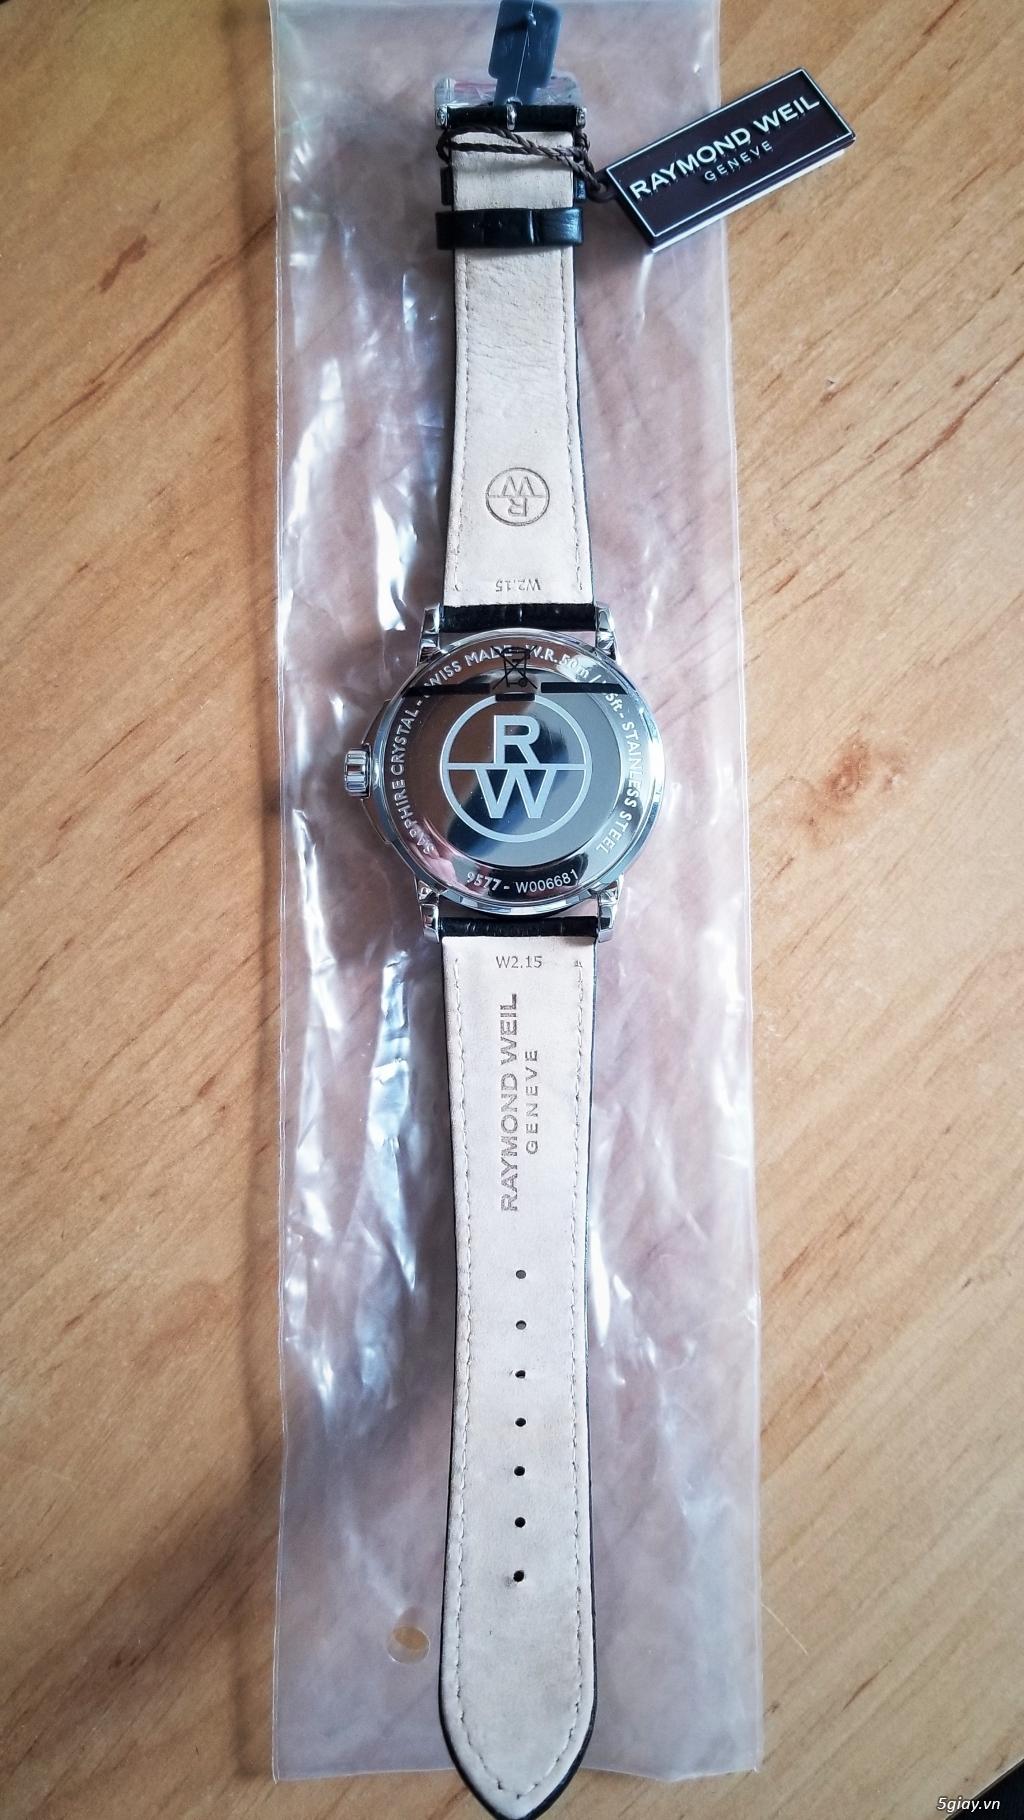 Đồng hồ Raymond Weil (Swiss) fullbox new 100% (hình thật) - 4